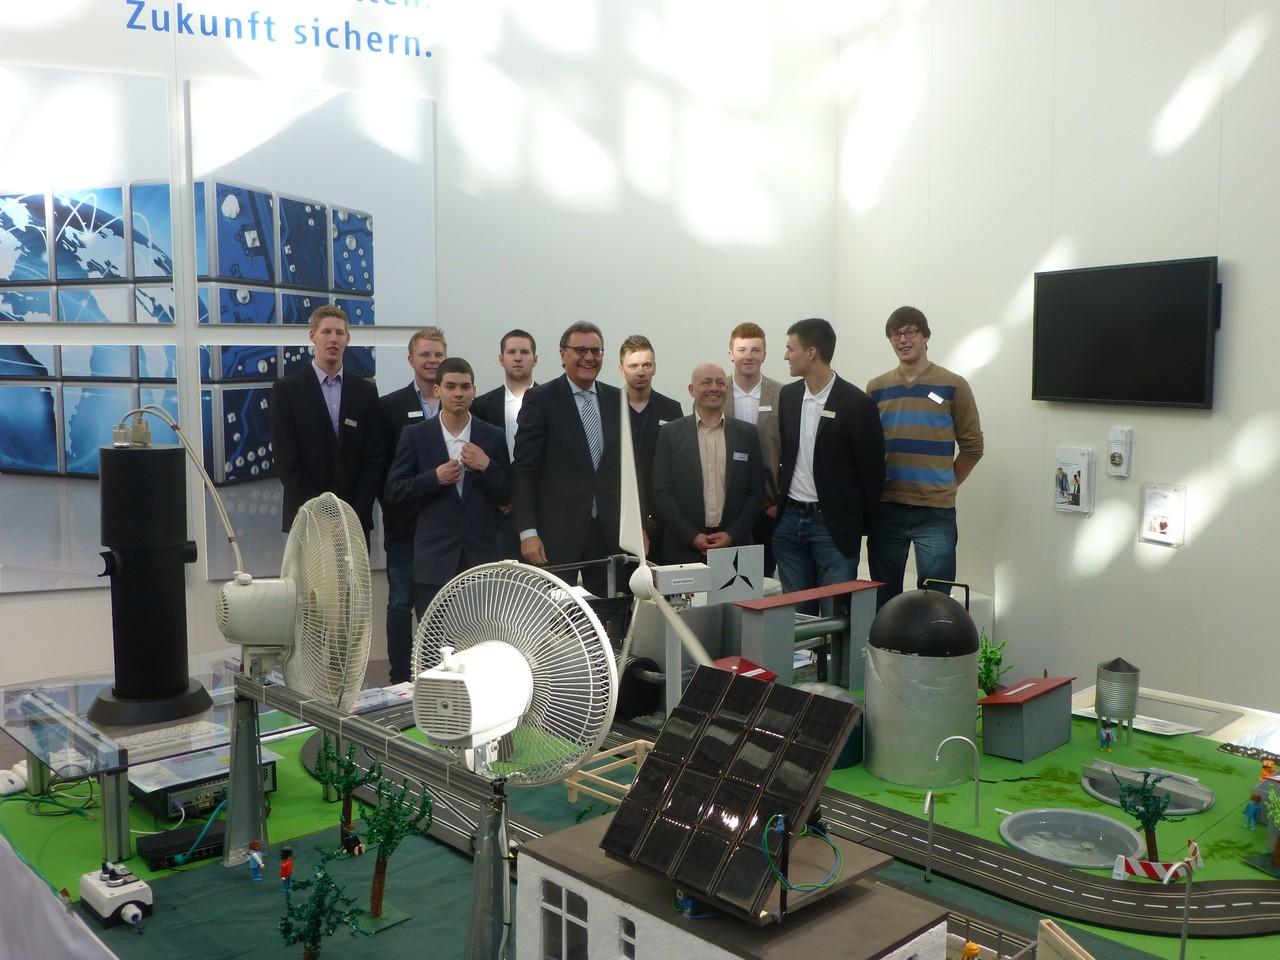 CeBIT 2013: Projekt der David-Roentgen-Schule aus Neuwied auf dem Stand des ZVEI